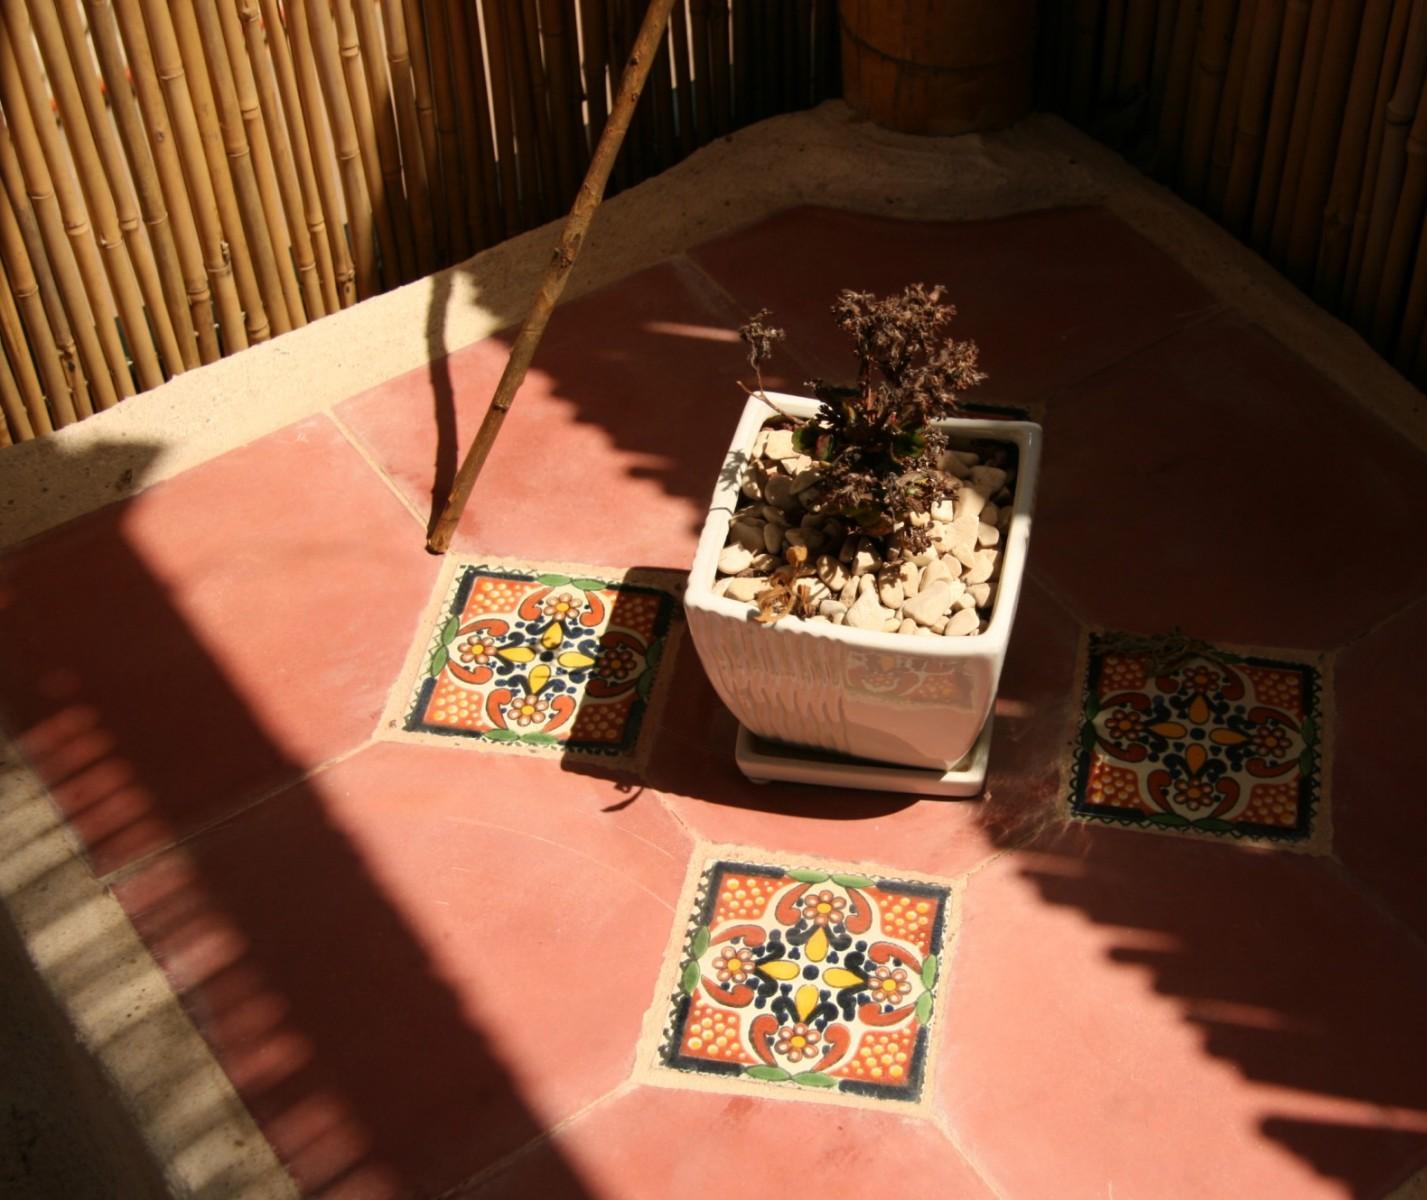 אריחי בטון בשילוב אריחים מקסיקניים מצויירים